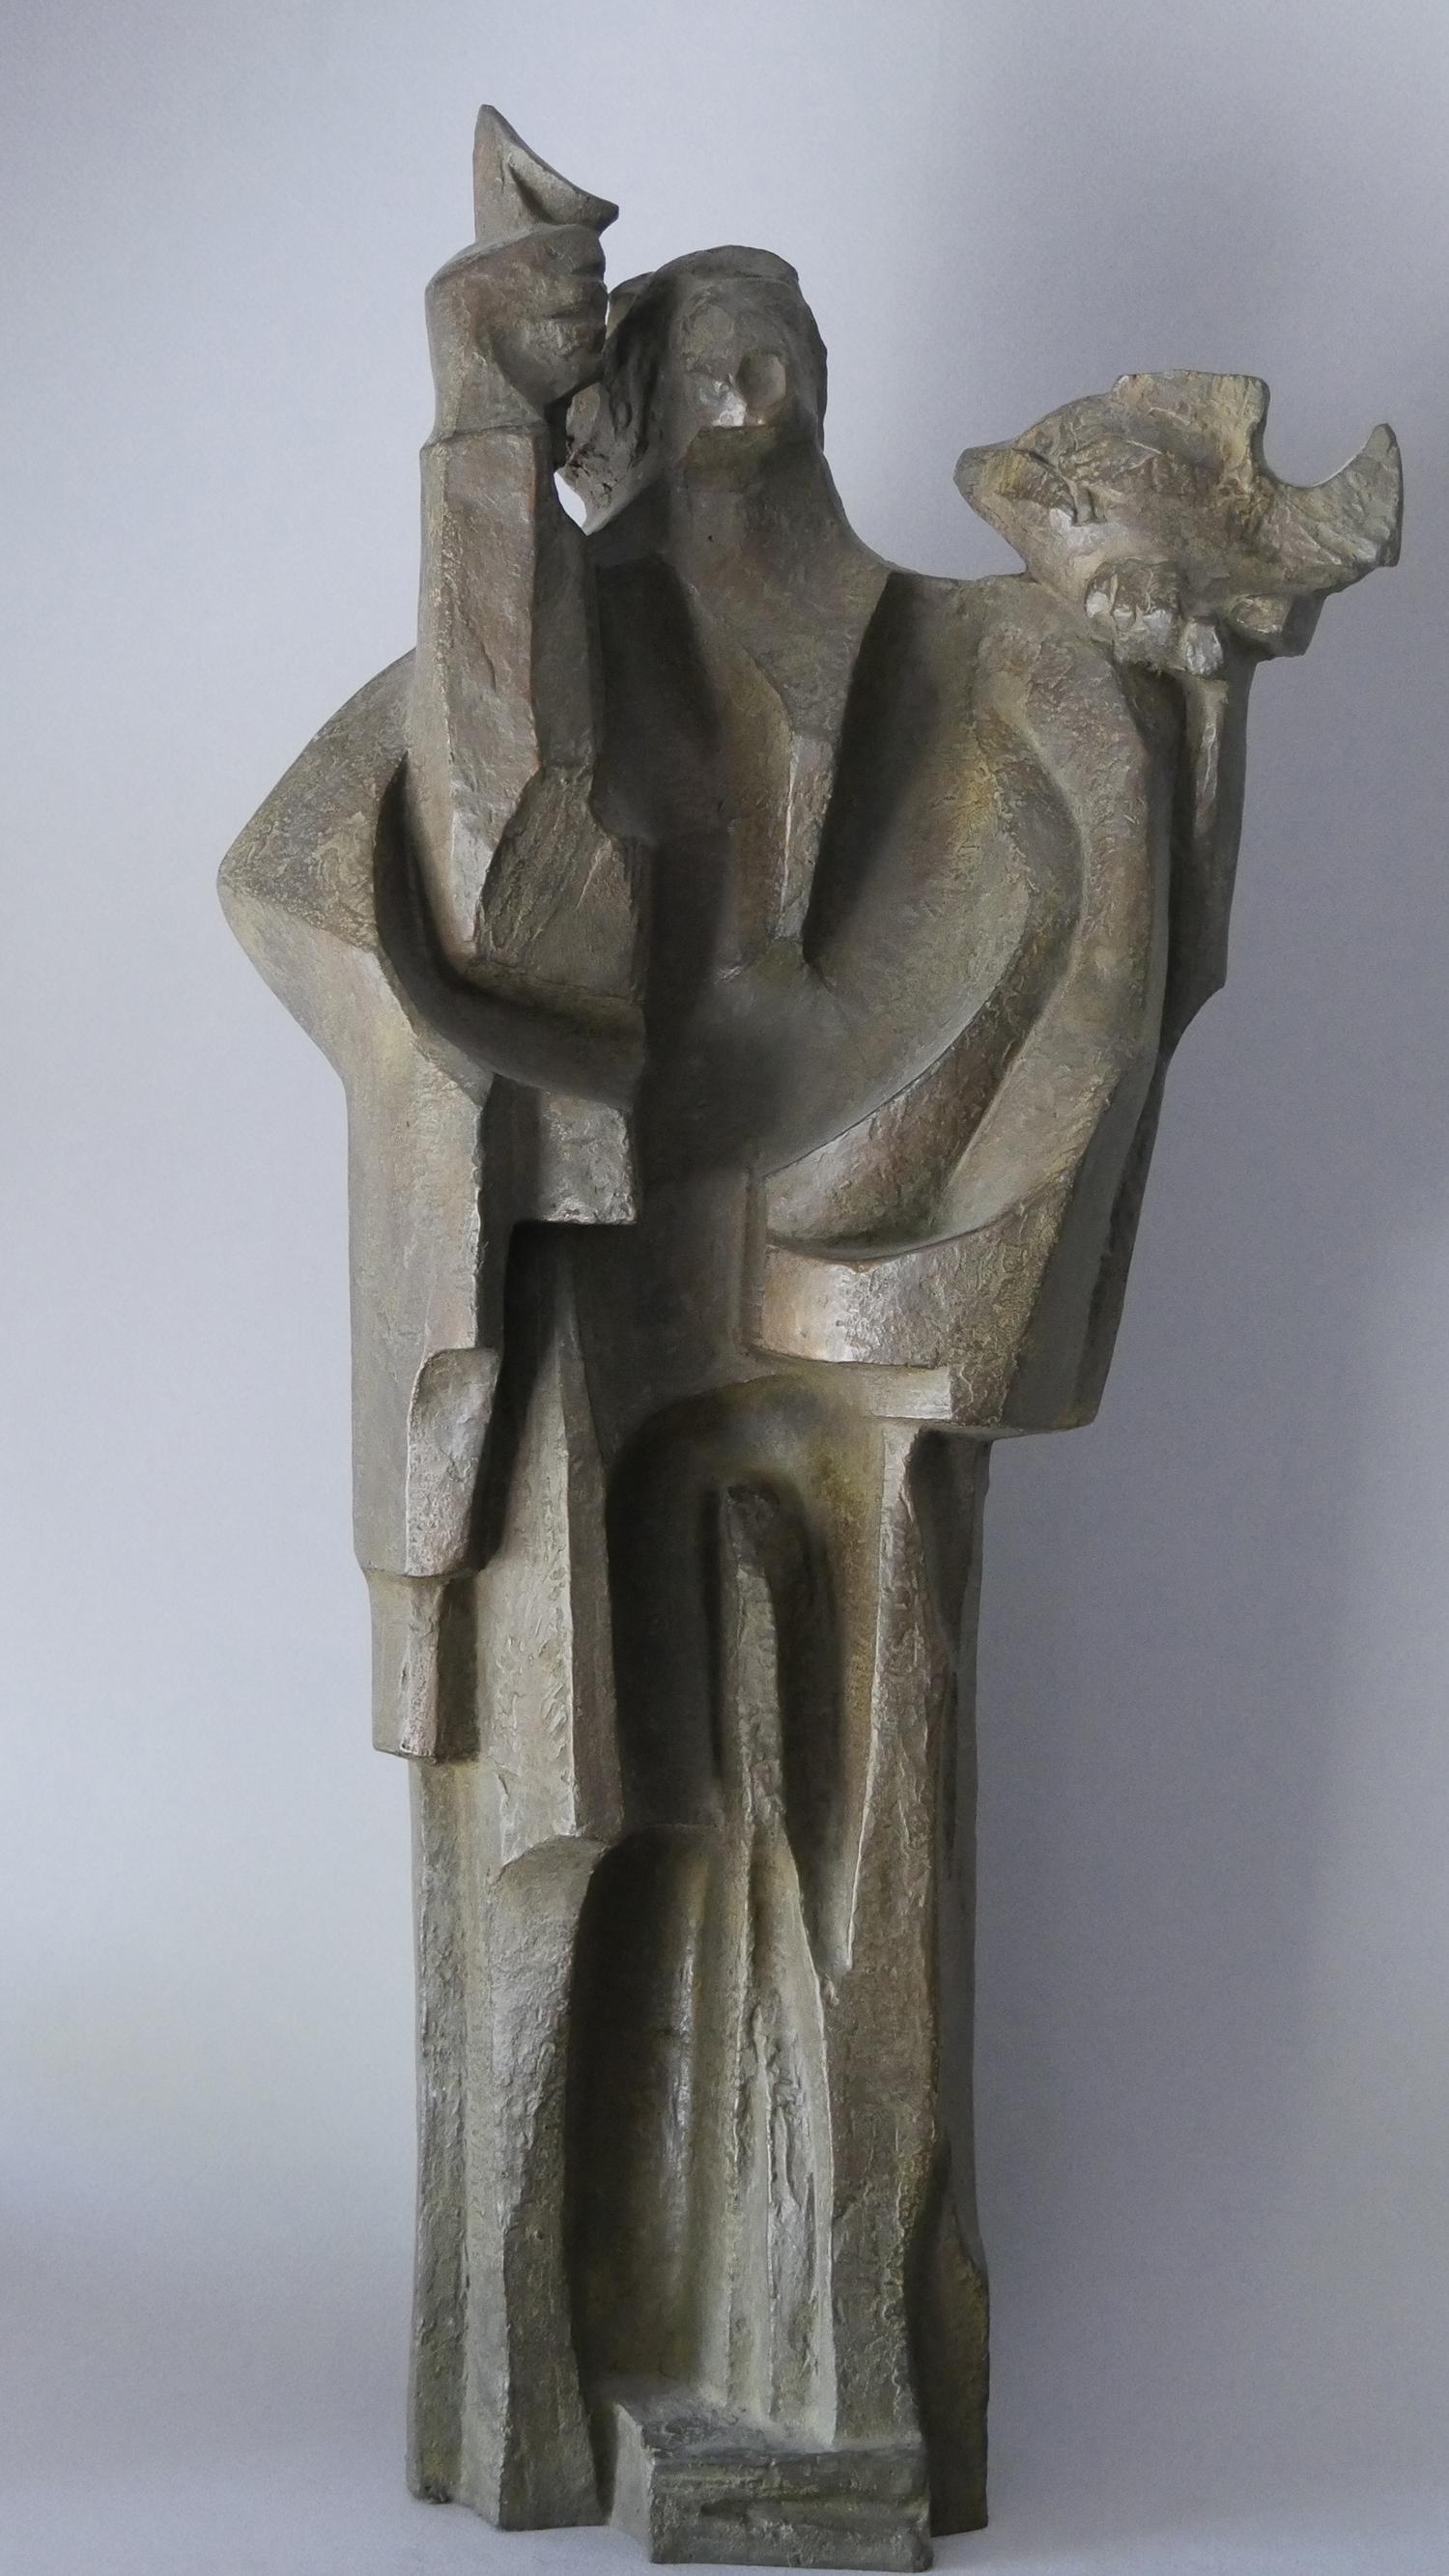 1970.3. El Profeta, bronce, 56x14,5x12 cms. 1970